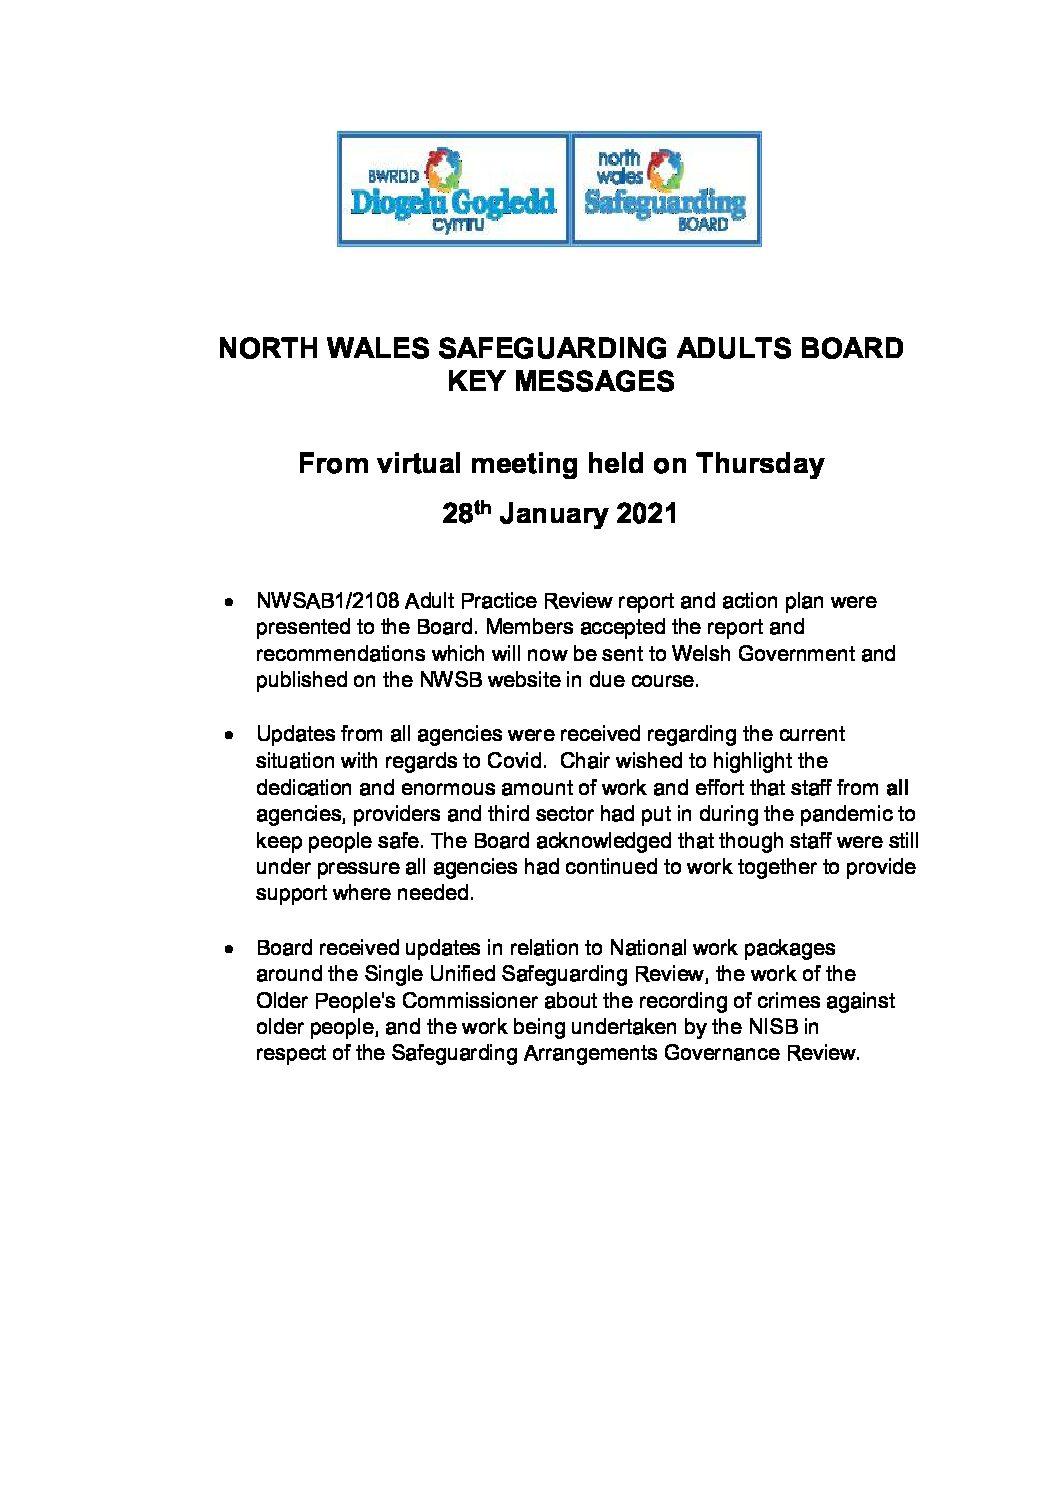 Key Messages NWSAB January 2021